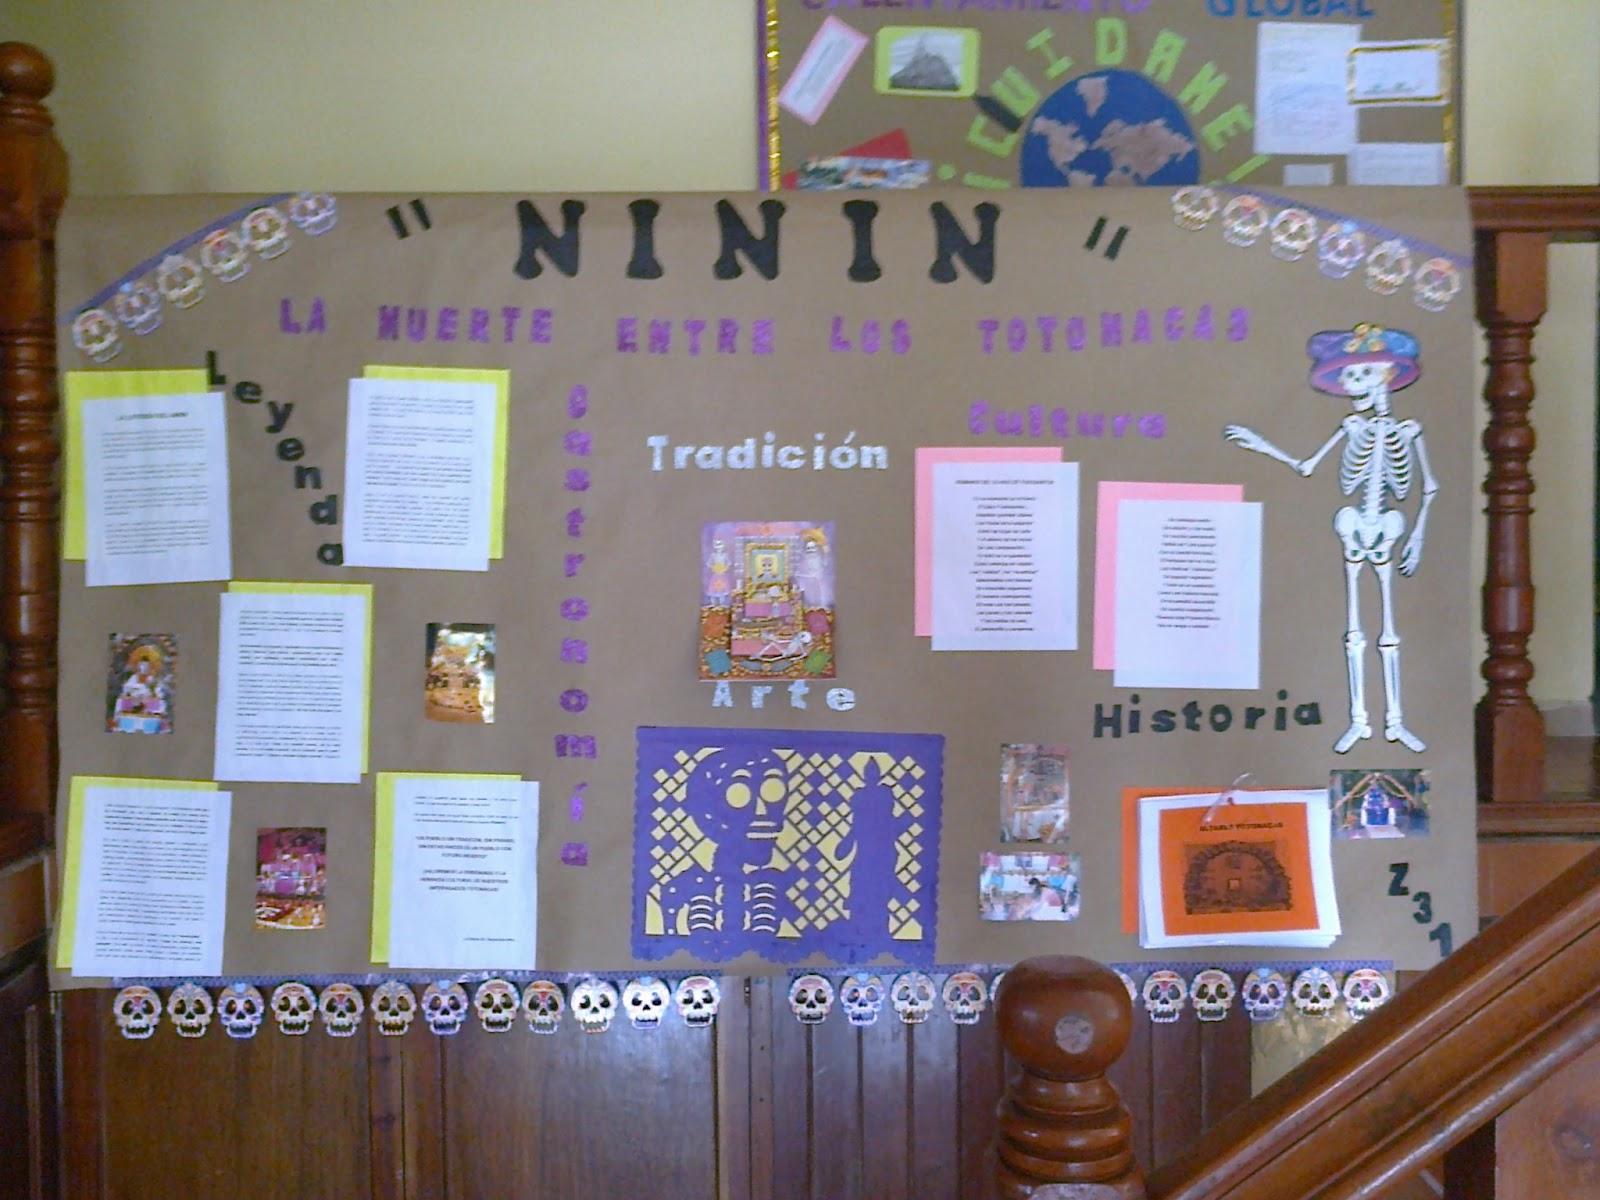 Periodicos mural de fin de curso escolar for Estructura del periodico mural wikipedia